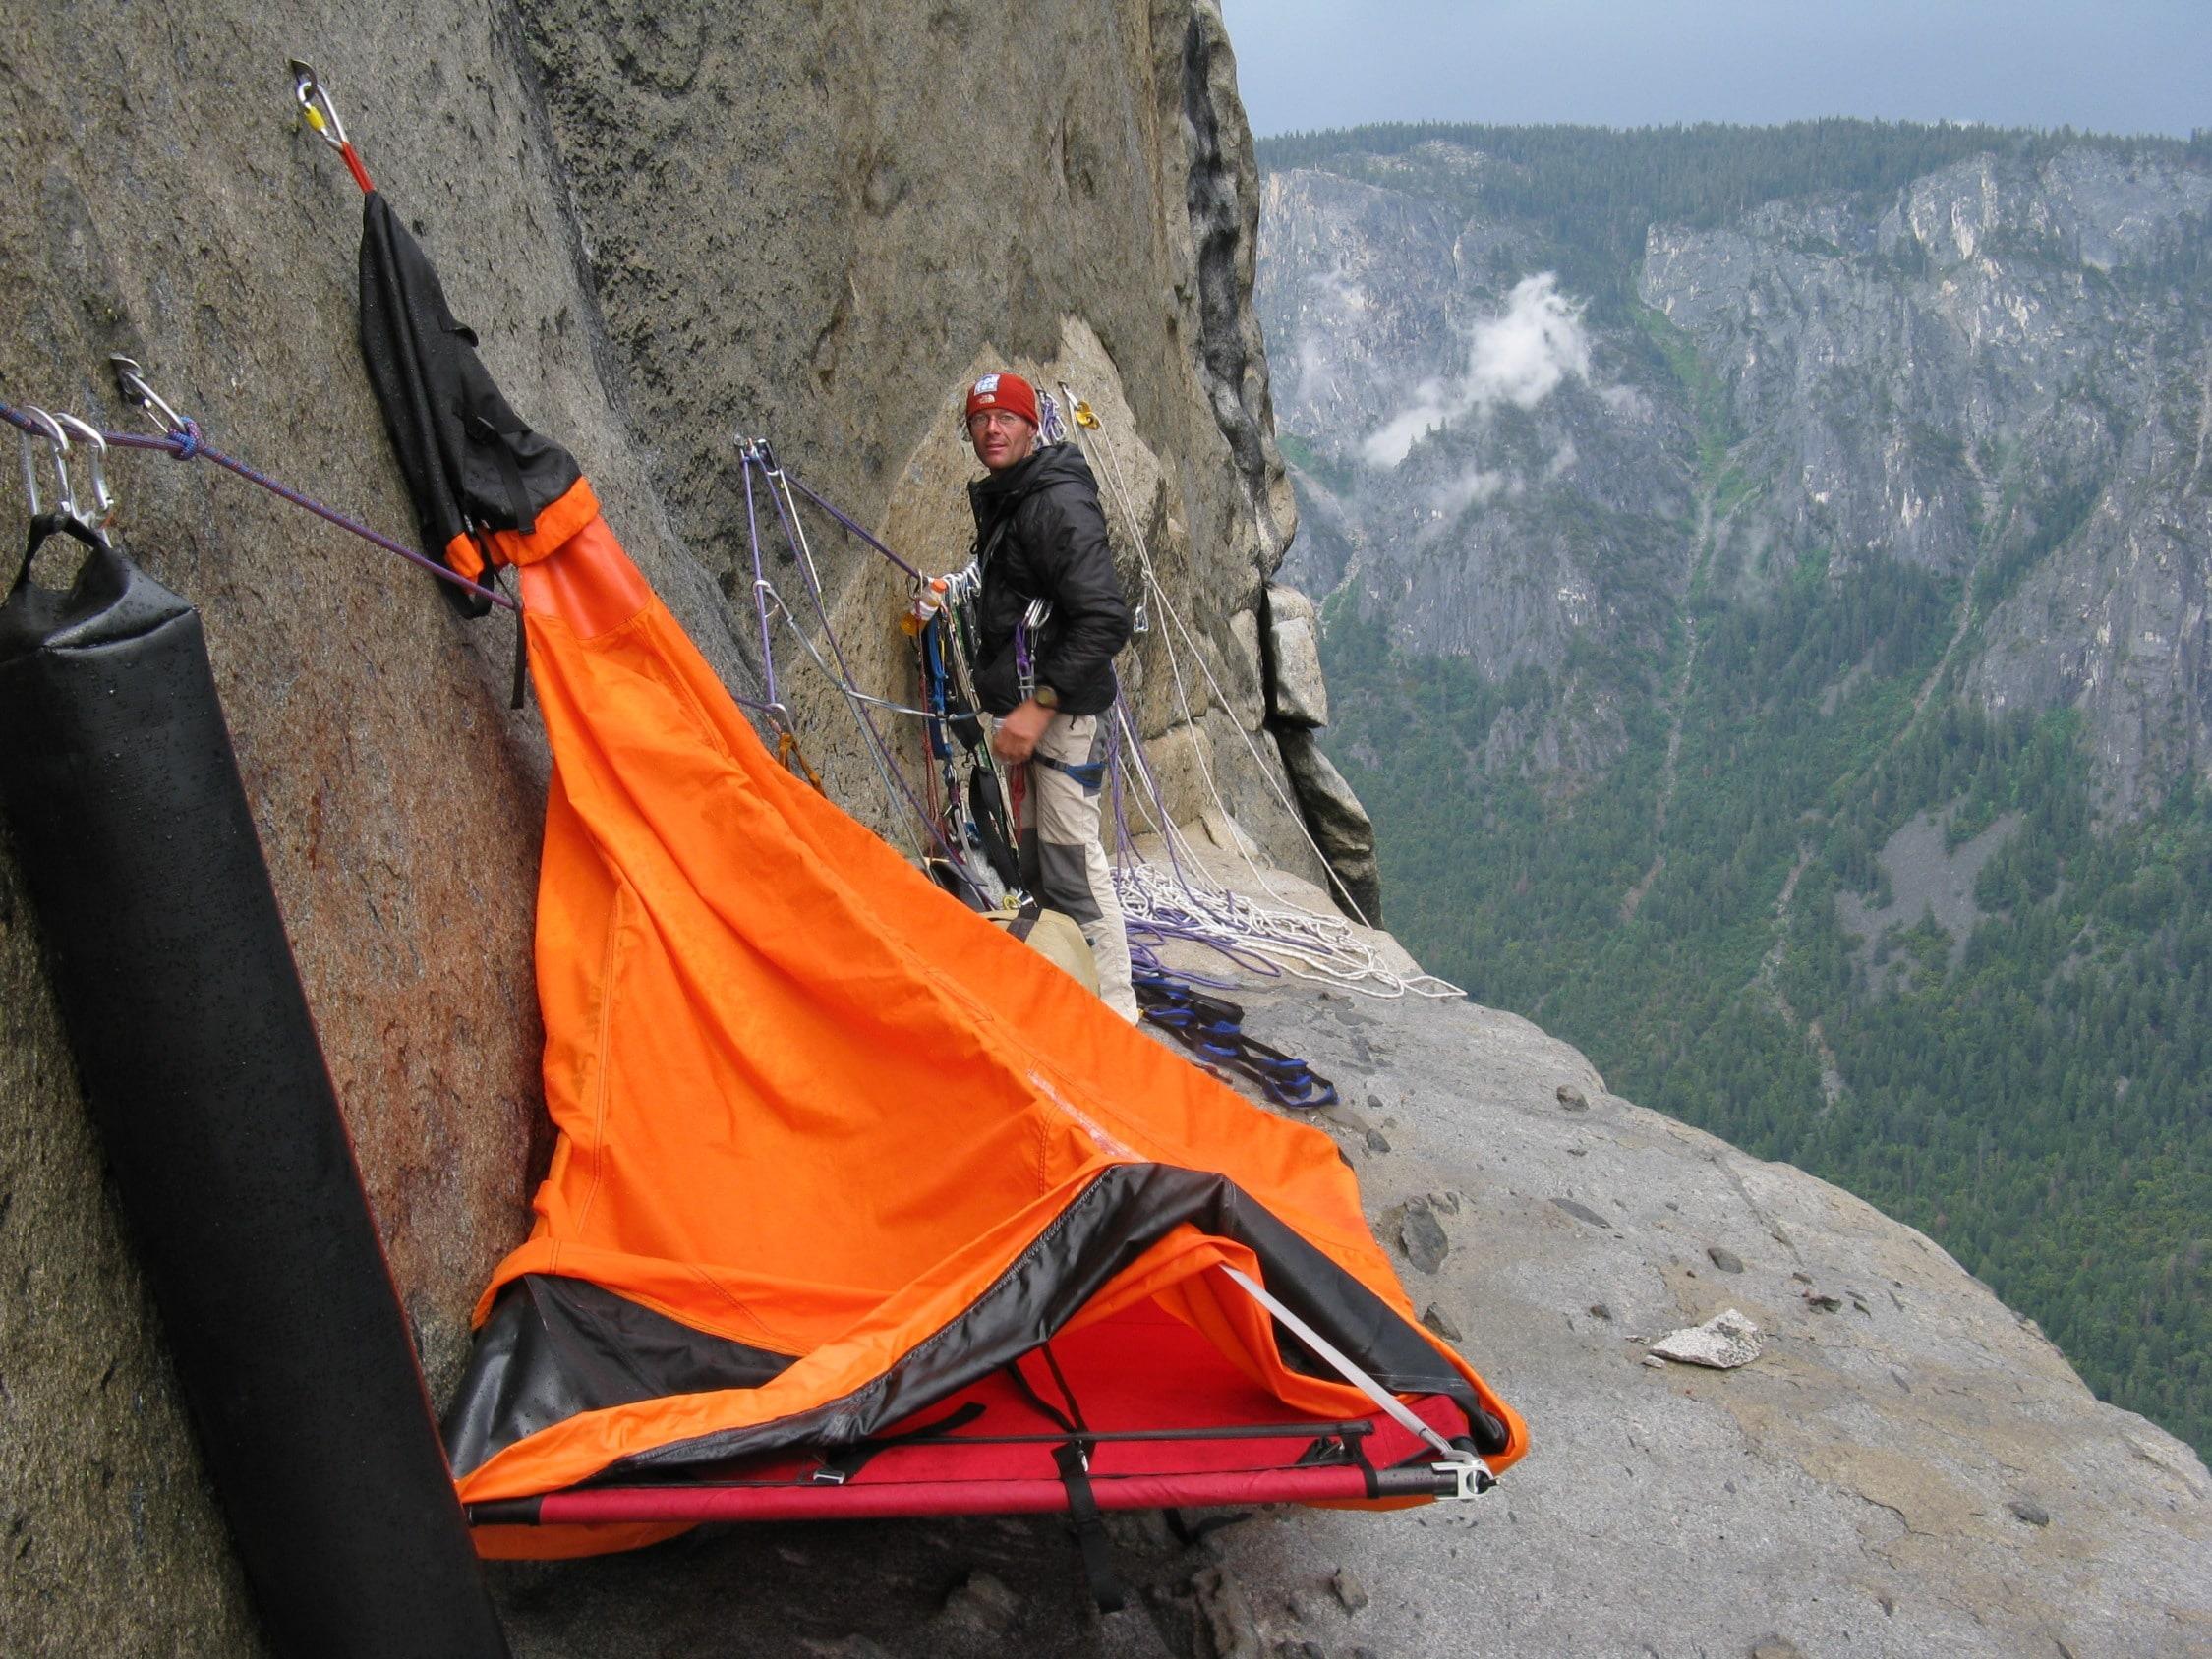 Klettersteig Yosemite : Bergführerbüro ramsau am dachstein bergführer hans prugger